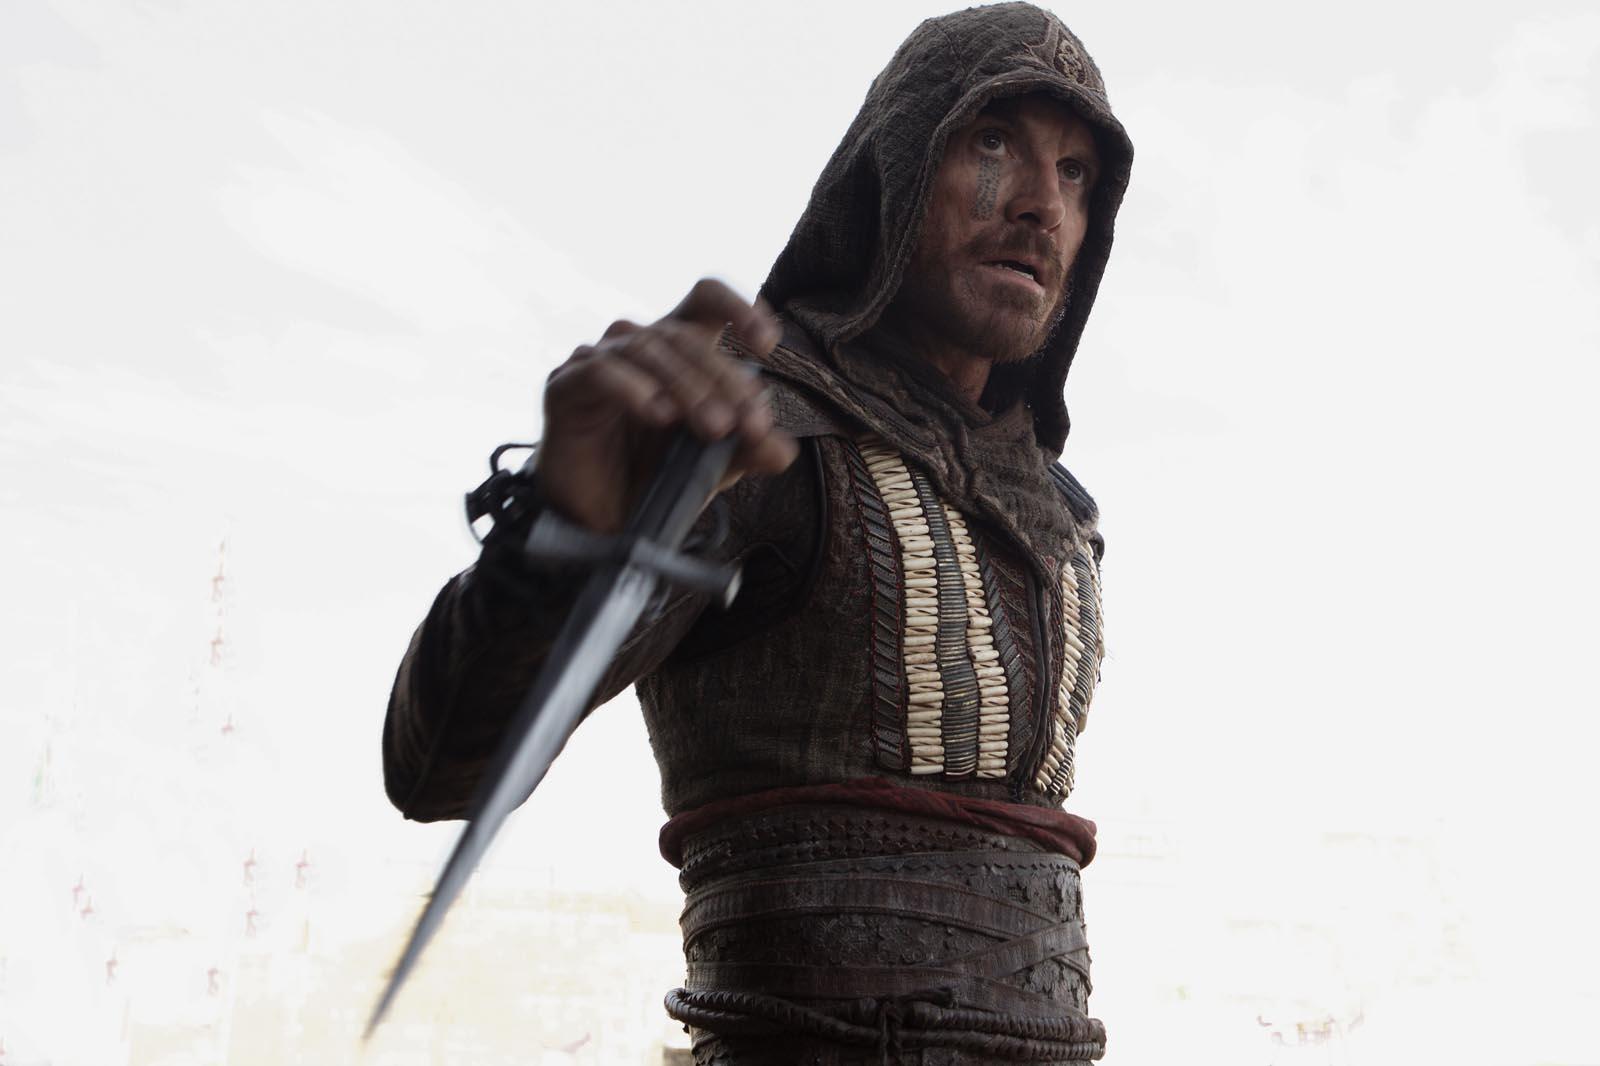 assassin's creed fassbender dagger